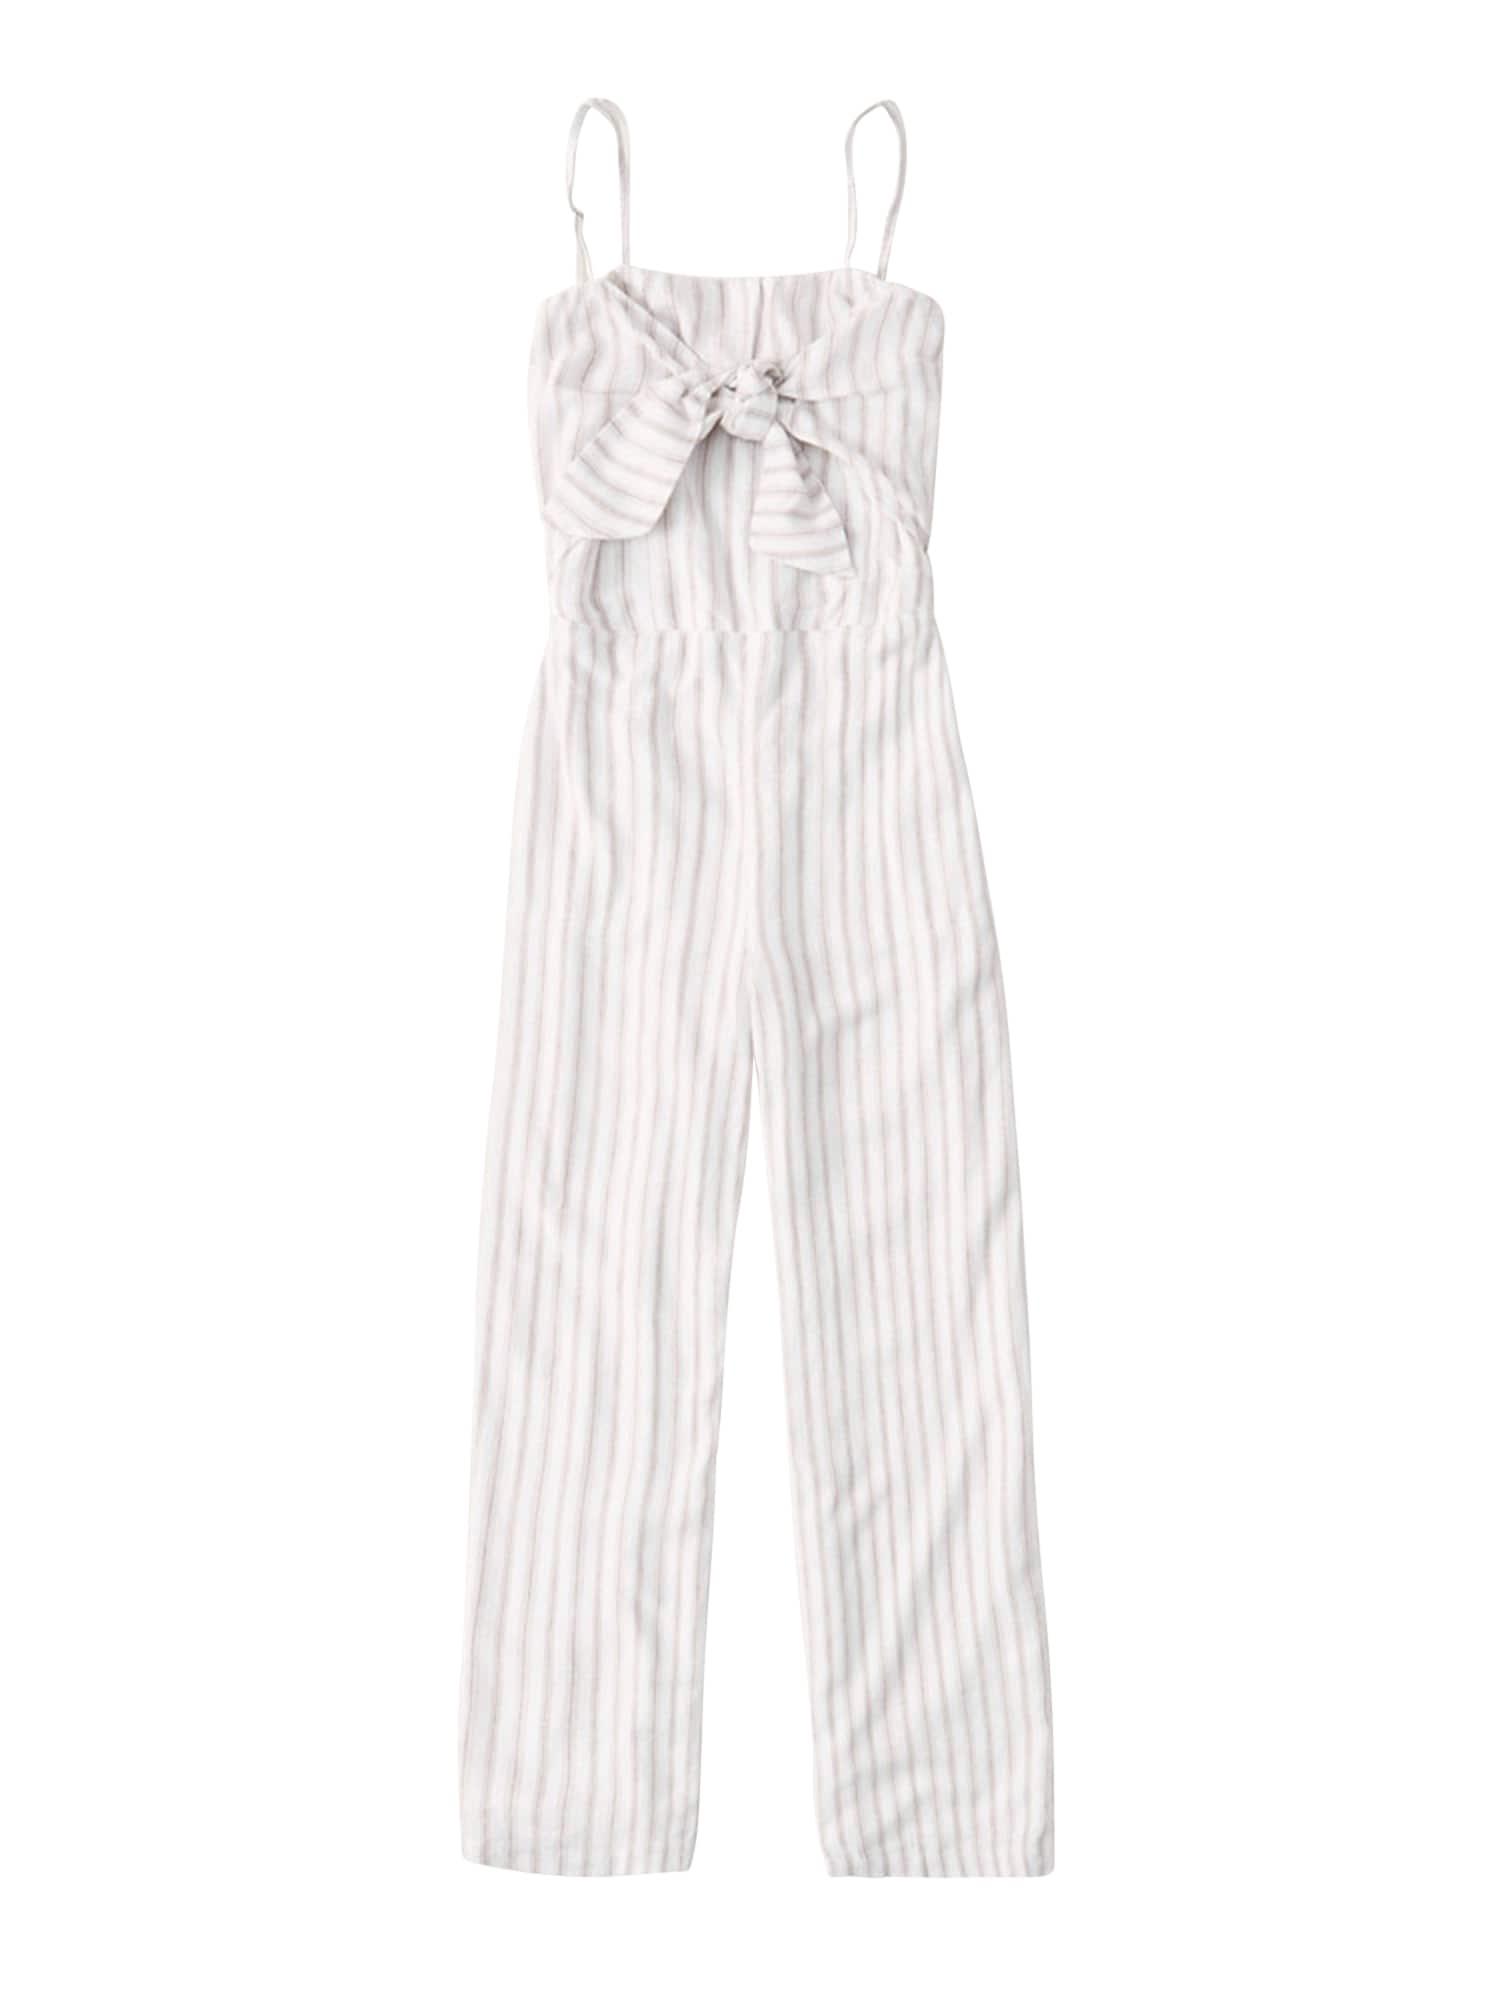 Abercrombie & Fitch Vienos dalies kostiumas smėlio / balta